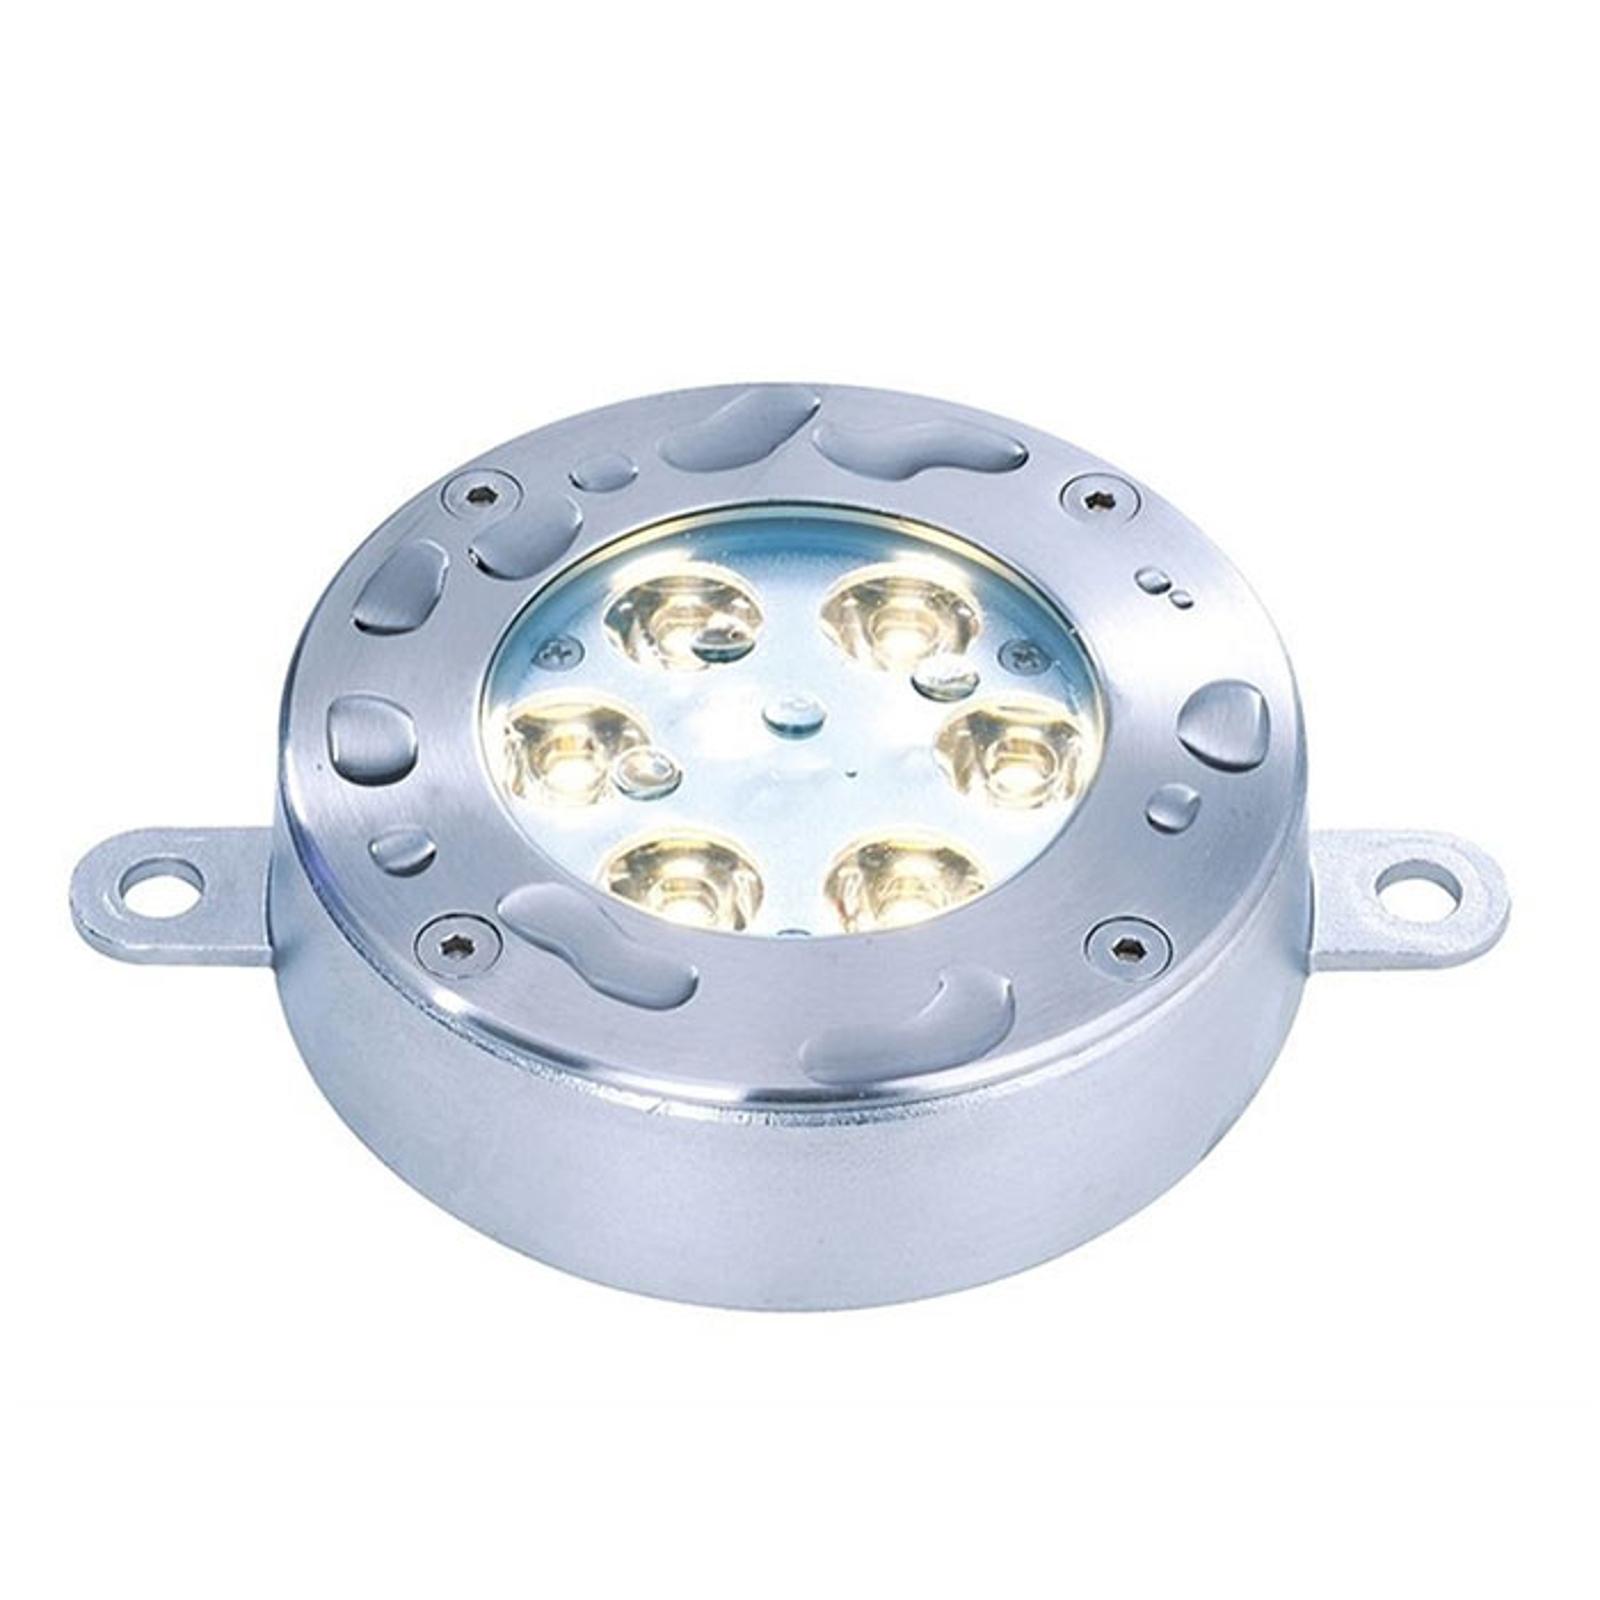 Foco de suelo sumergible LED, blanco cálido